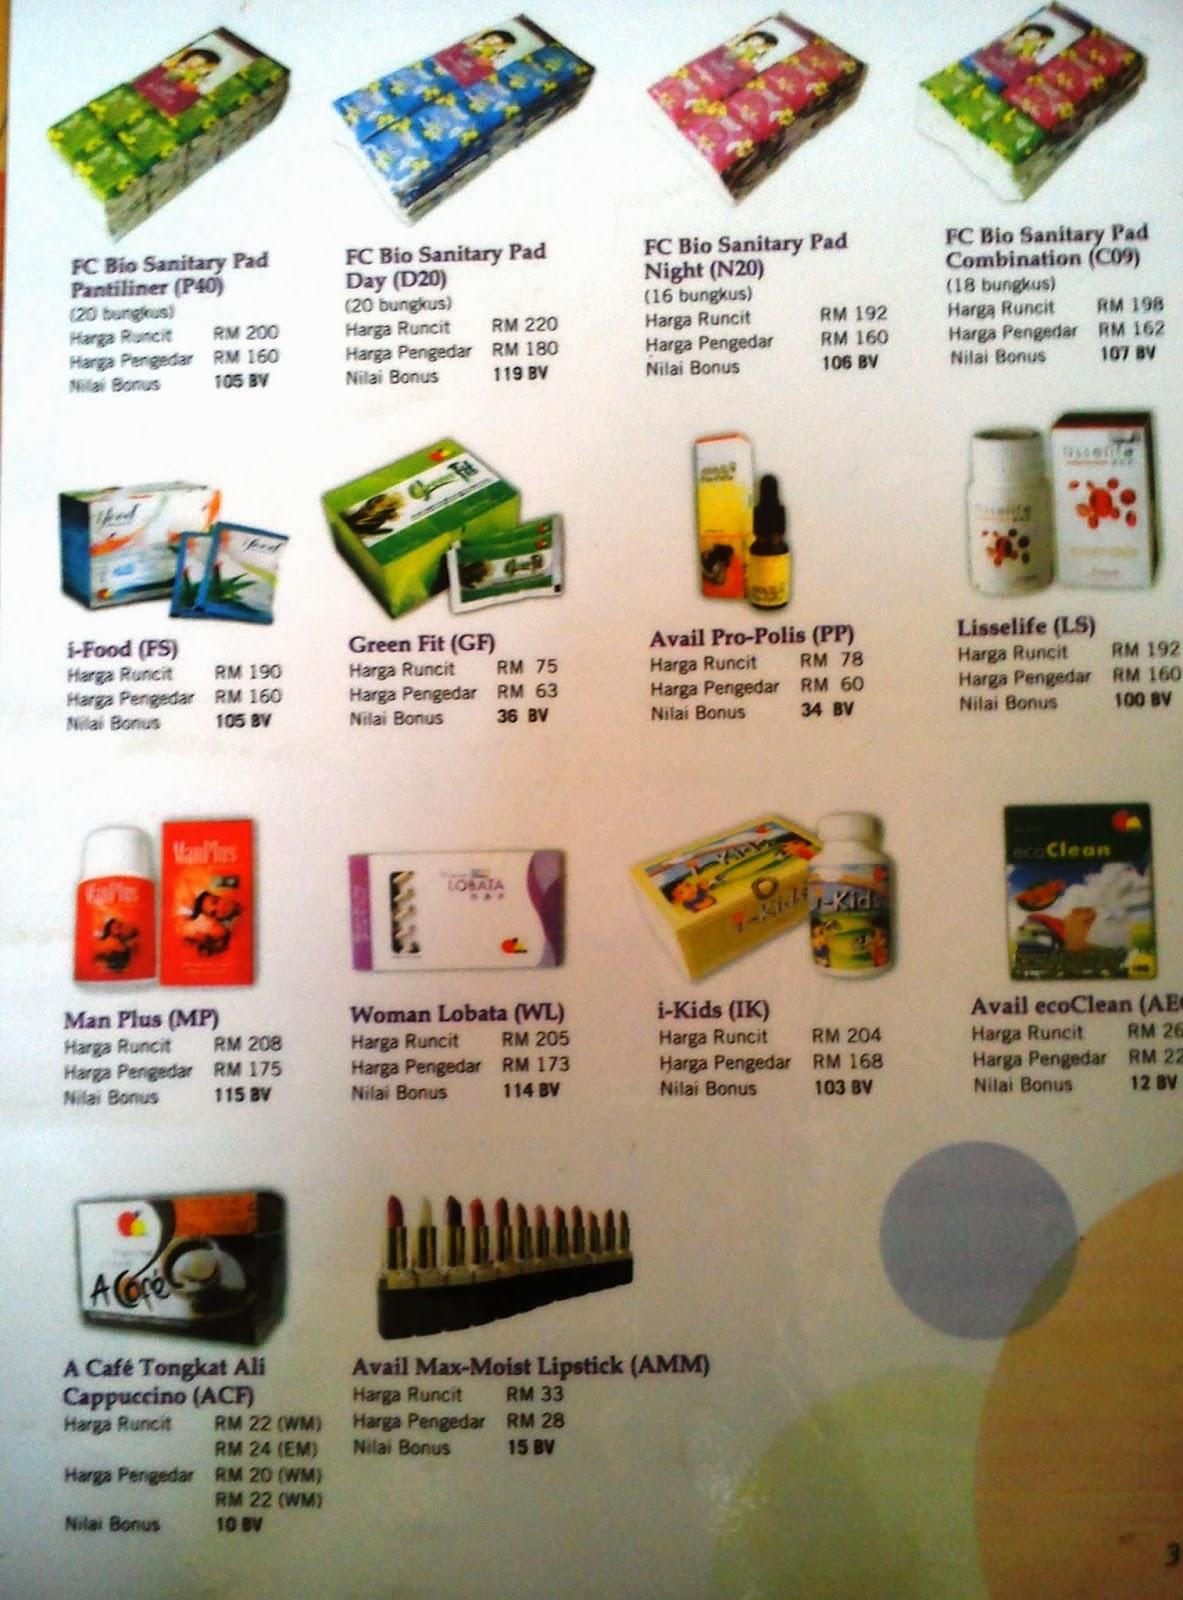 Avail Beauty Pad Berherba Sanitary Pantiliner Anda Boleh Memilih Pakej Yang Saya Telah Sediakan Untuk Mendapatkan Barangan Percuma Atau Mix And Match Mengikut Pilihan Dan Bilangan